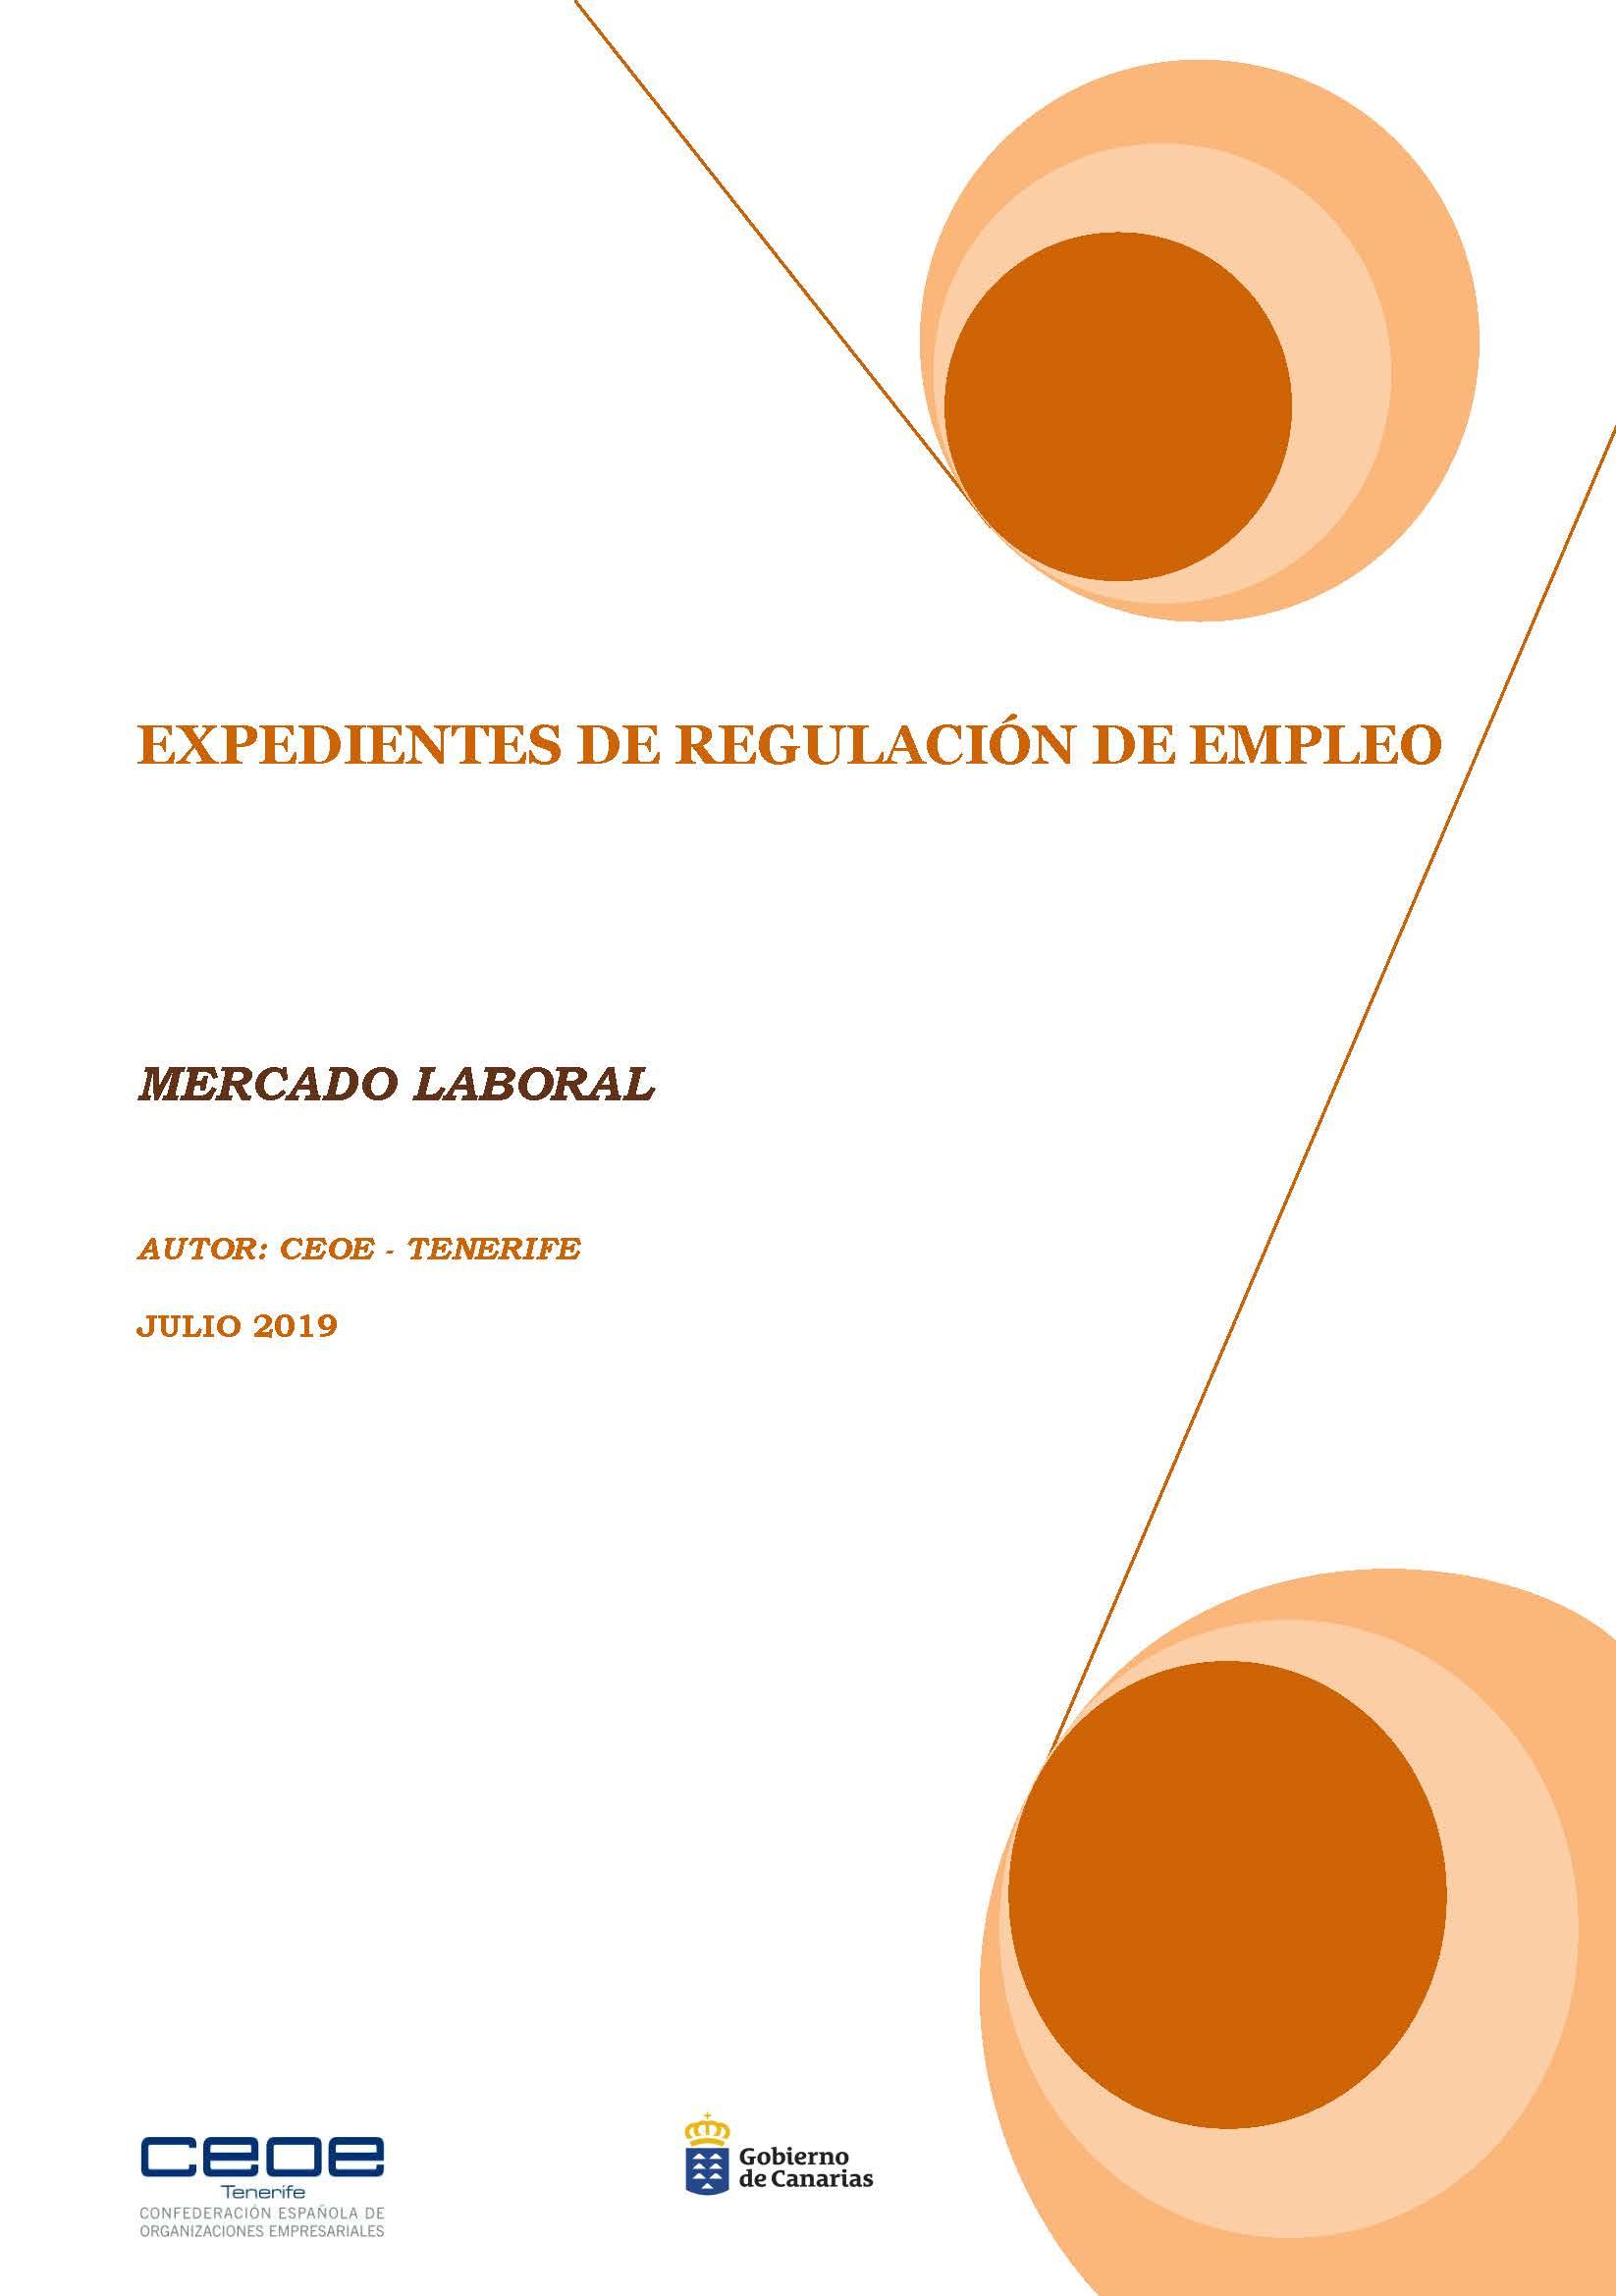 MERCADO LABORAL - ERES JULIO 2019